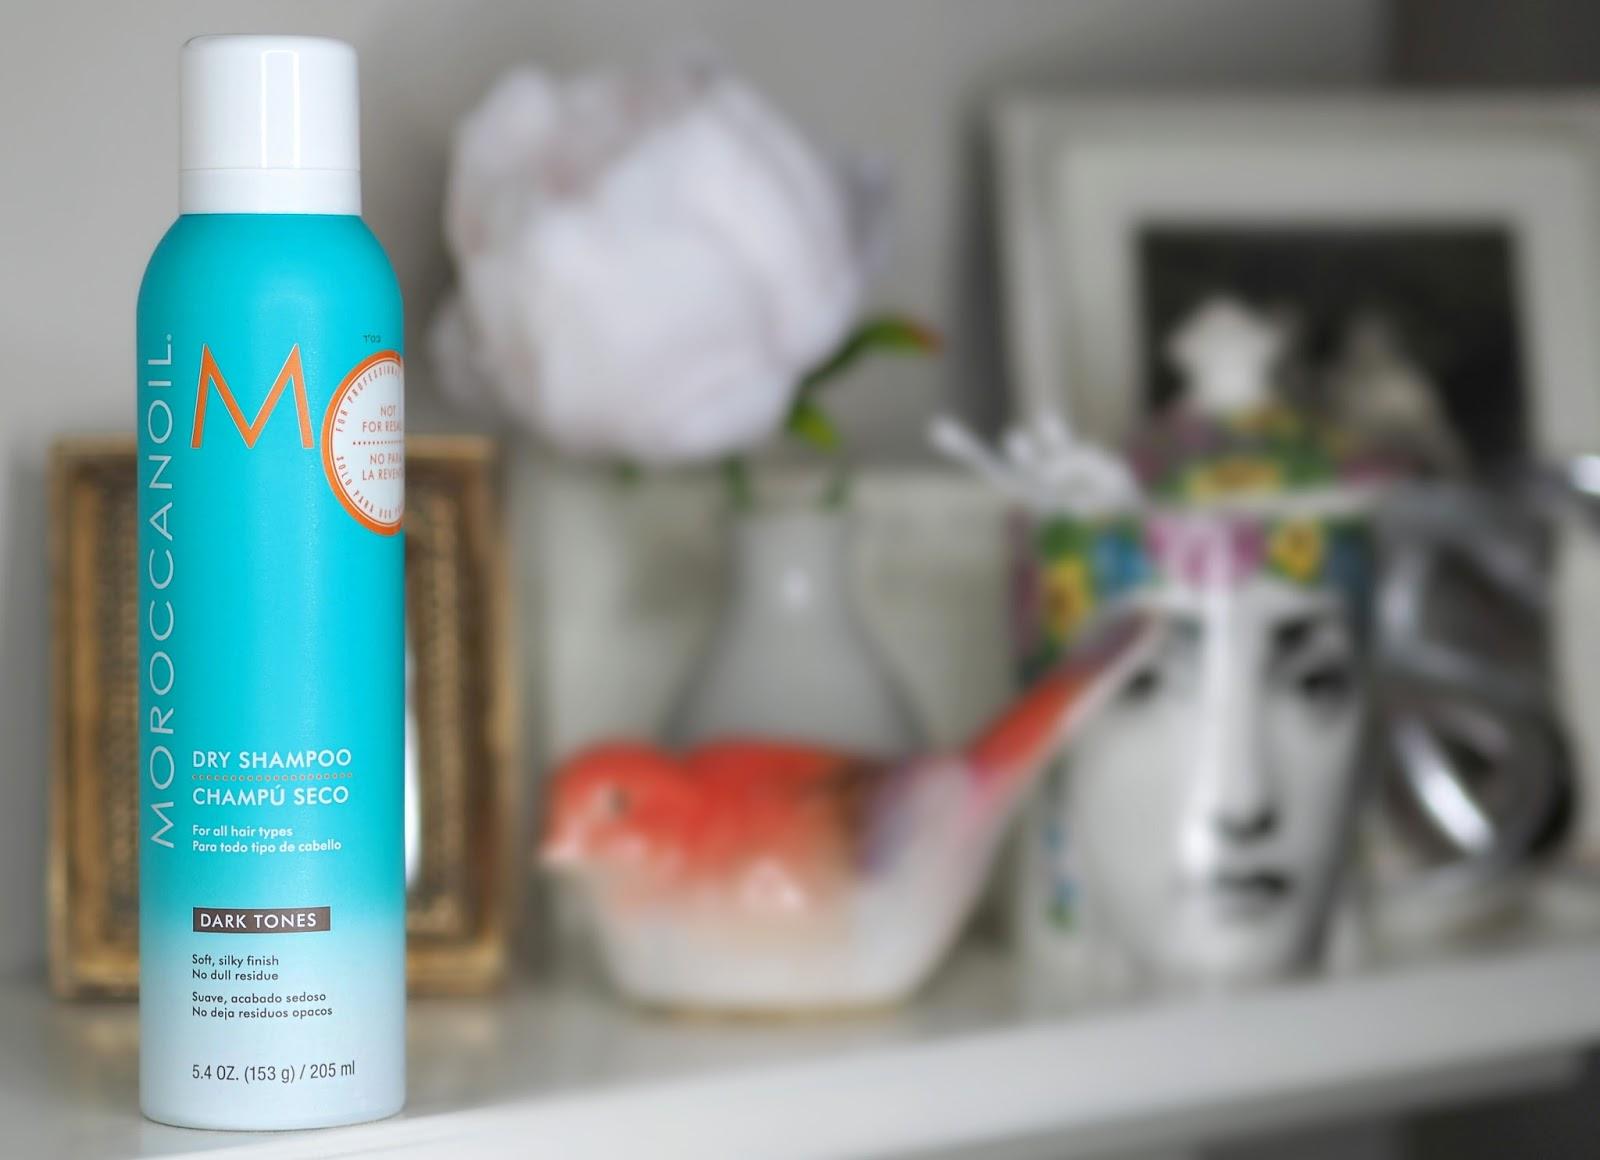 Co zrobić, kiedy włosy się przetłuszczają? Suchy szampon od Moroccanoil